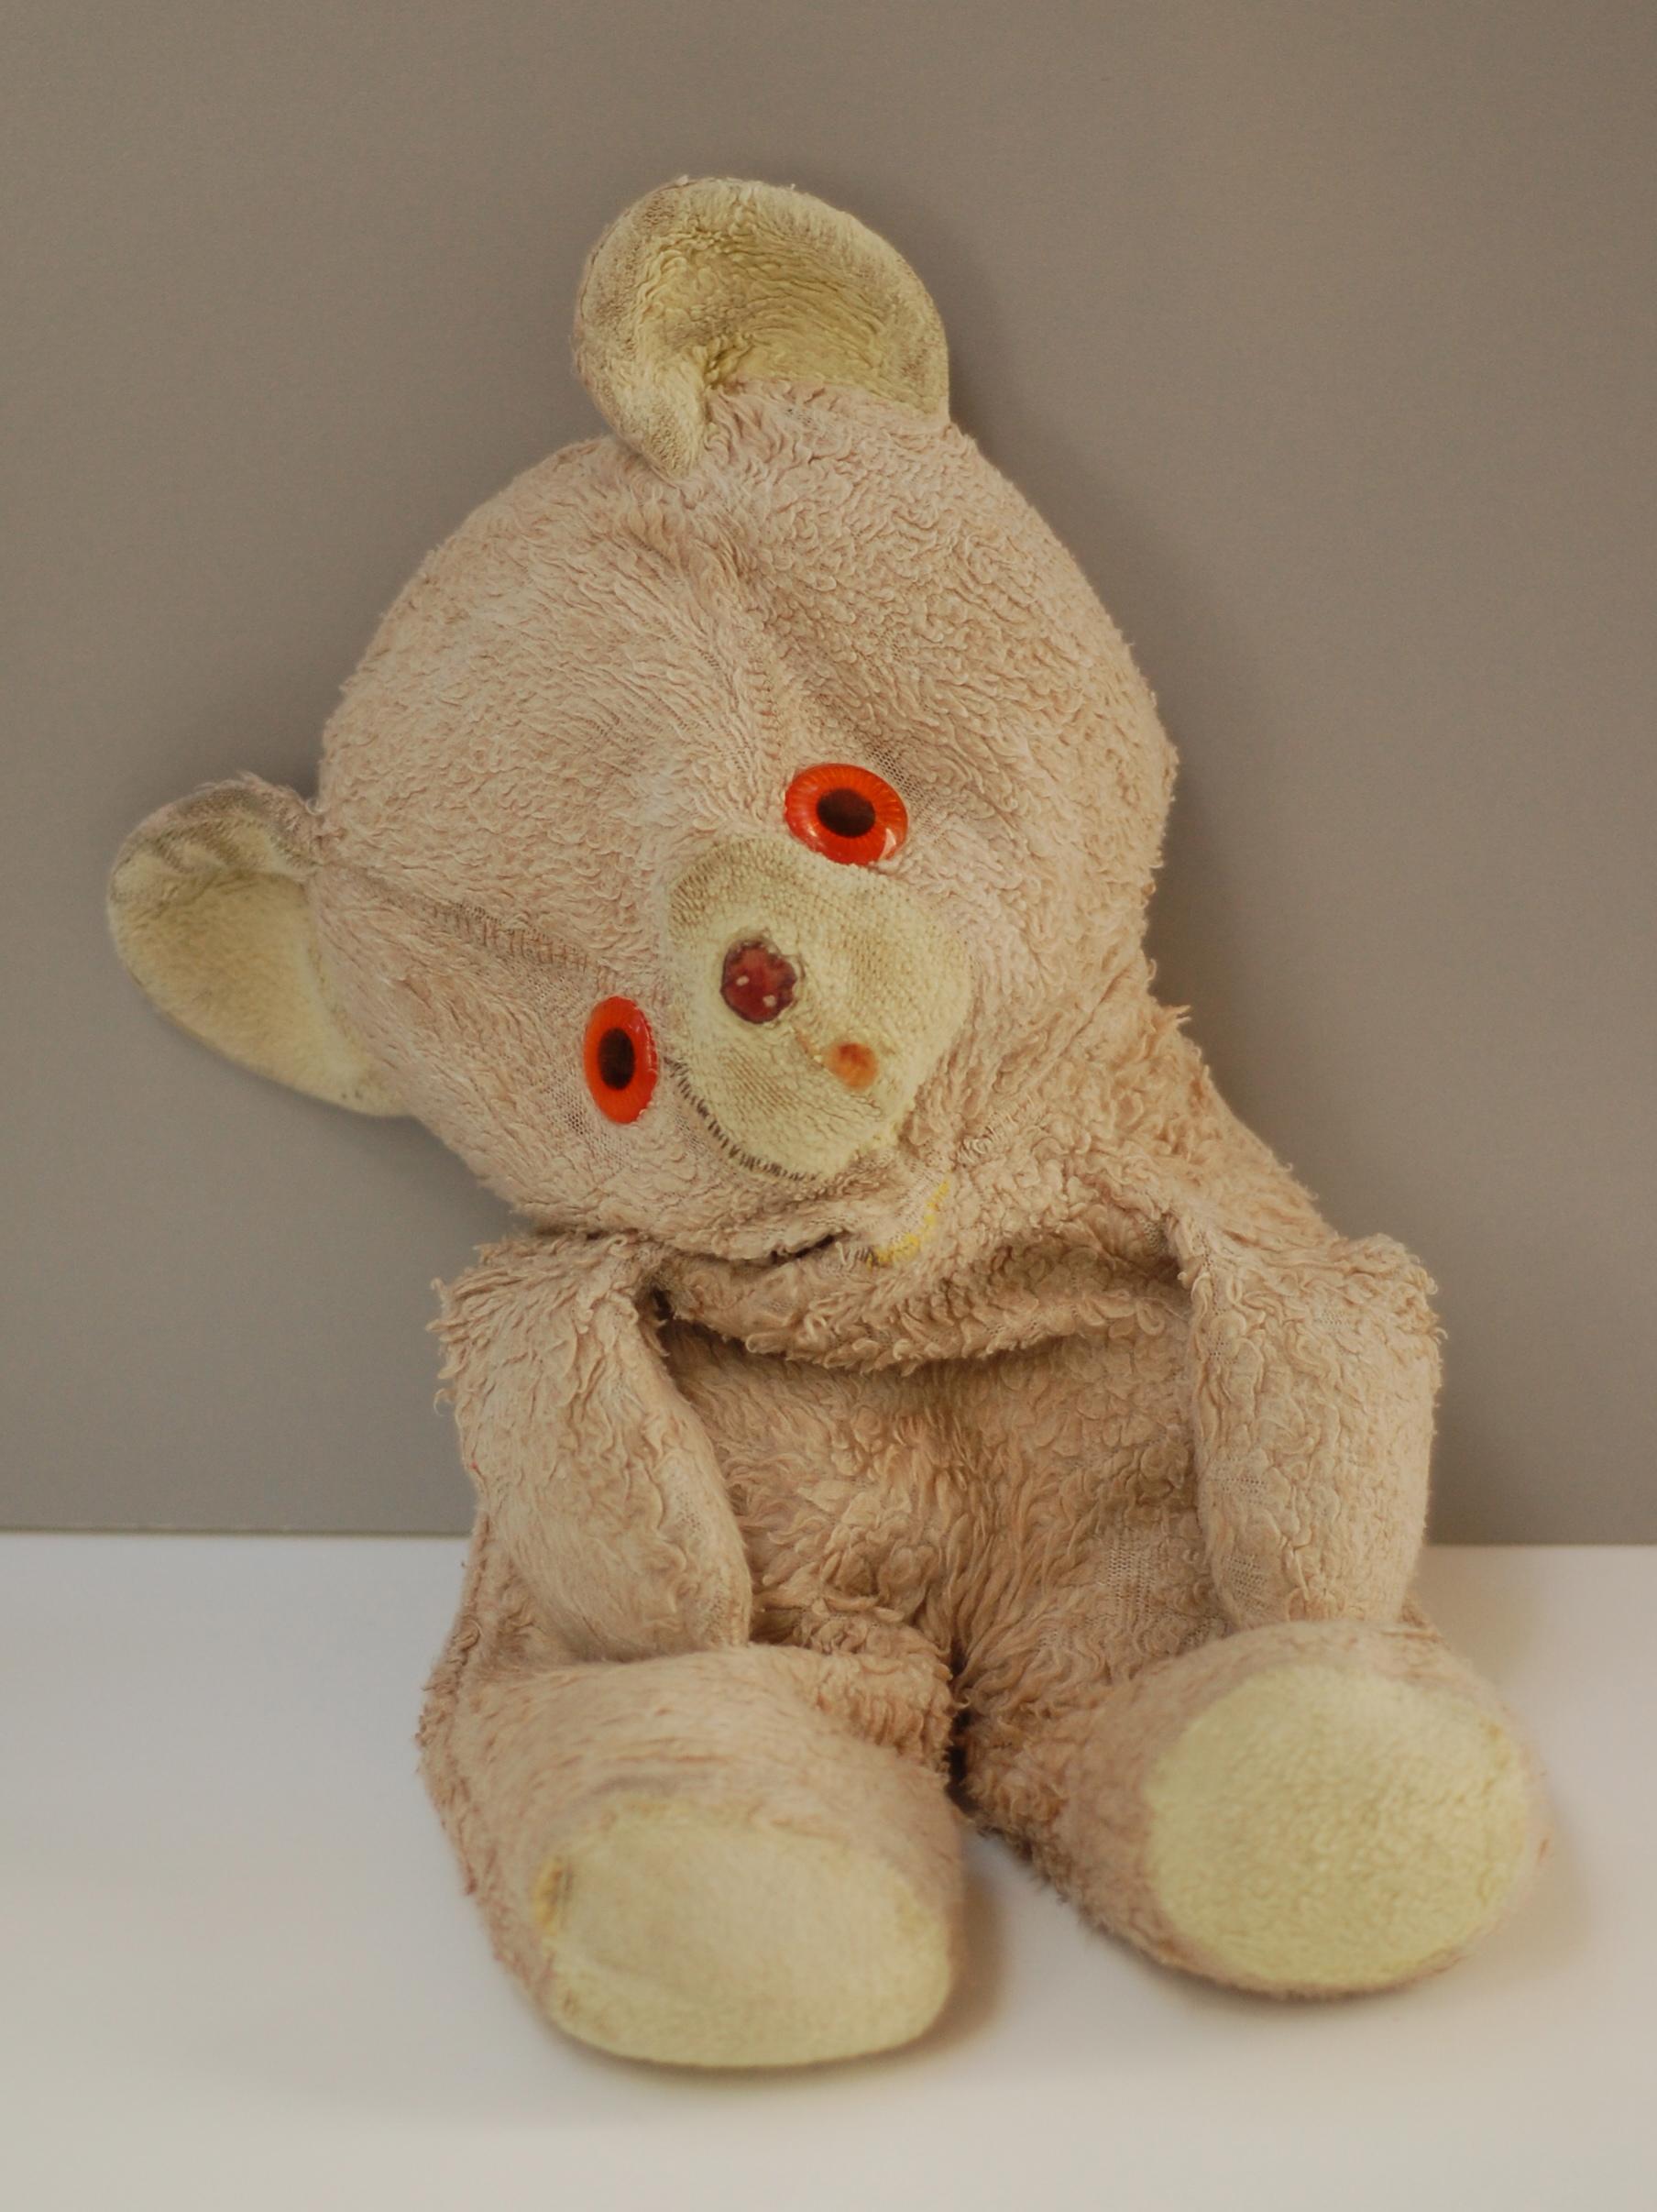 Toy Repair Near Me : repair, Repair, Stuffed, Animal:, Restuffing, Whileshenaps.com